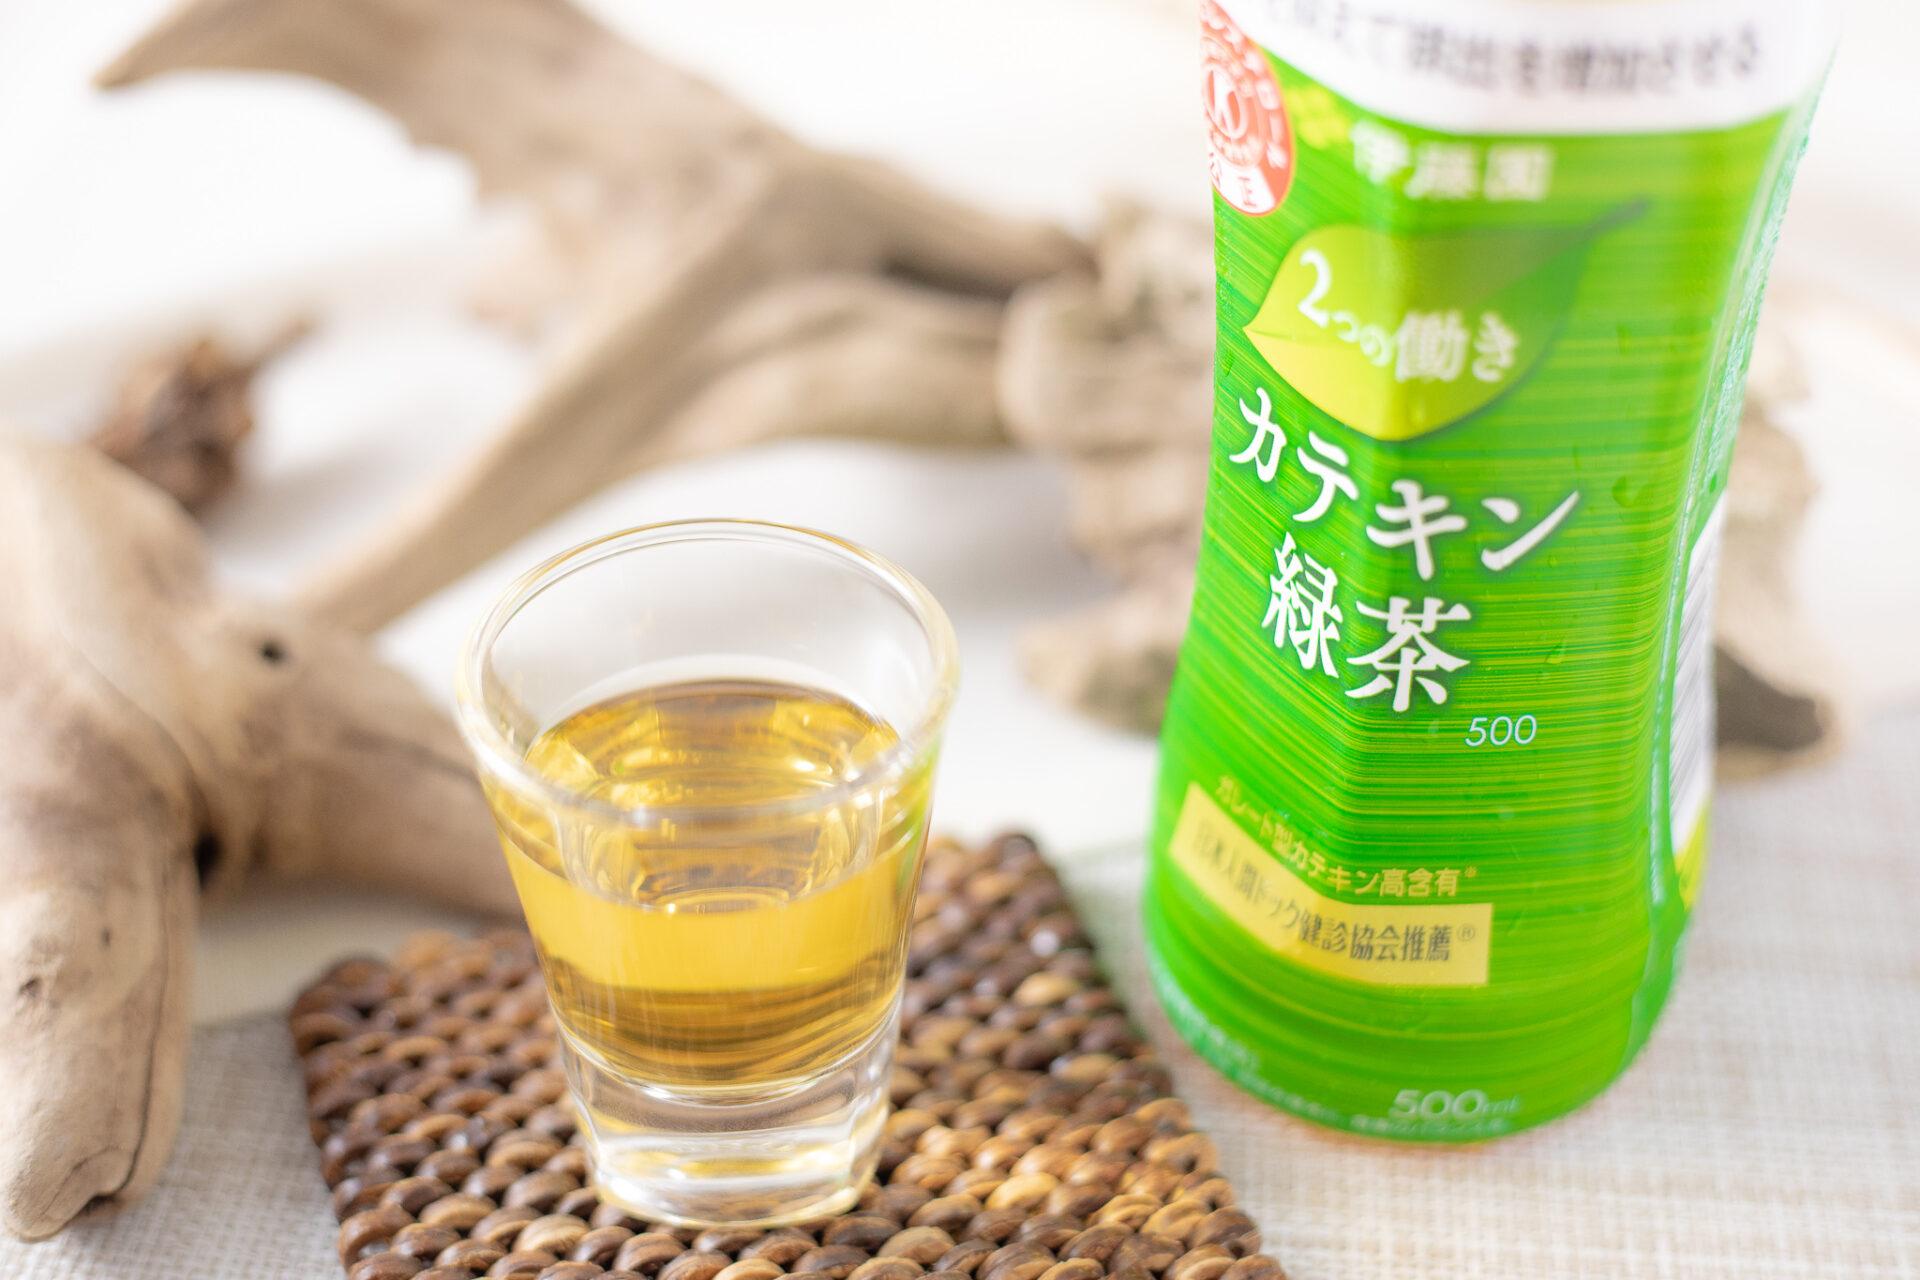 伊藤園『2つの働き カテキン緑茶 500 PET 500ml』